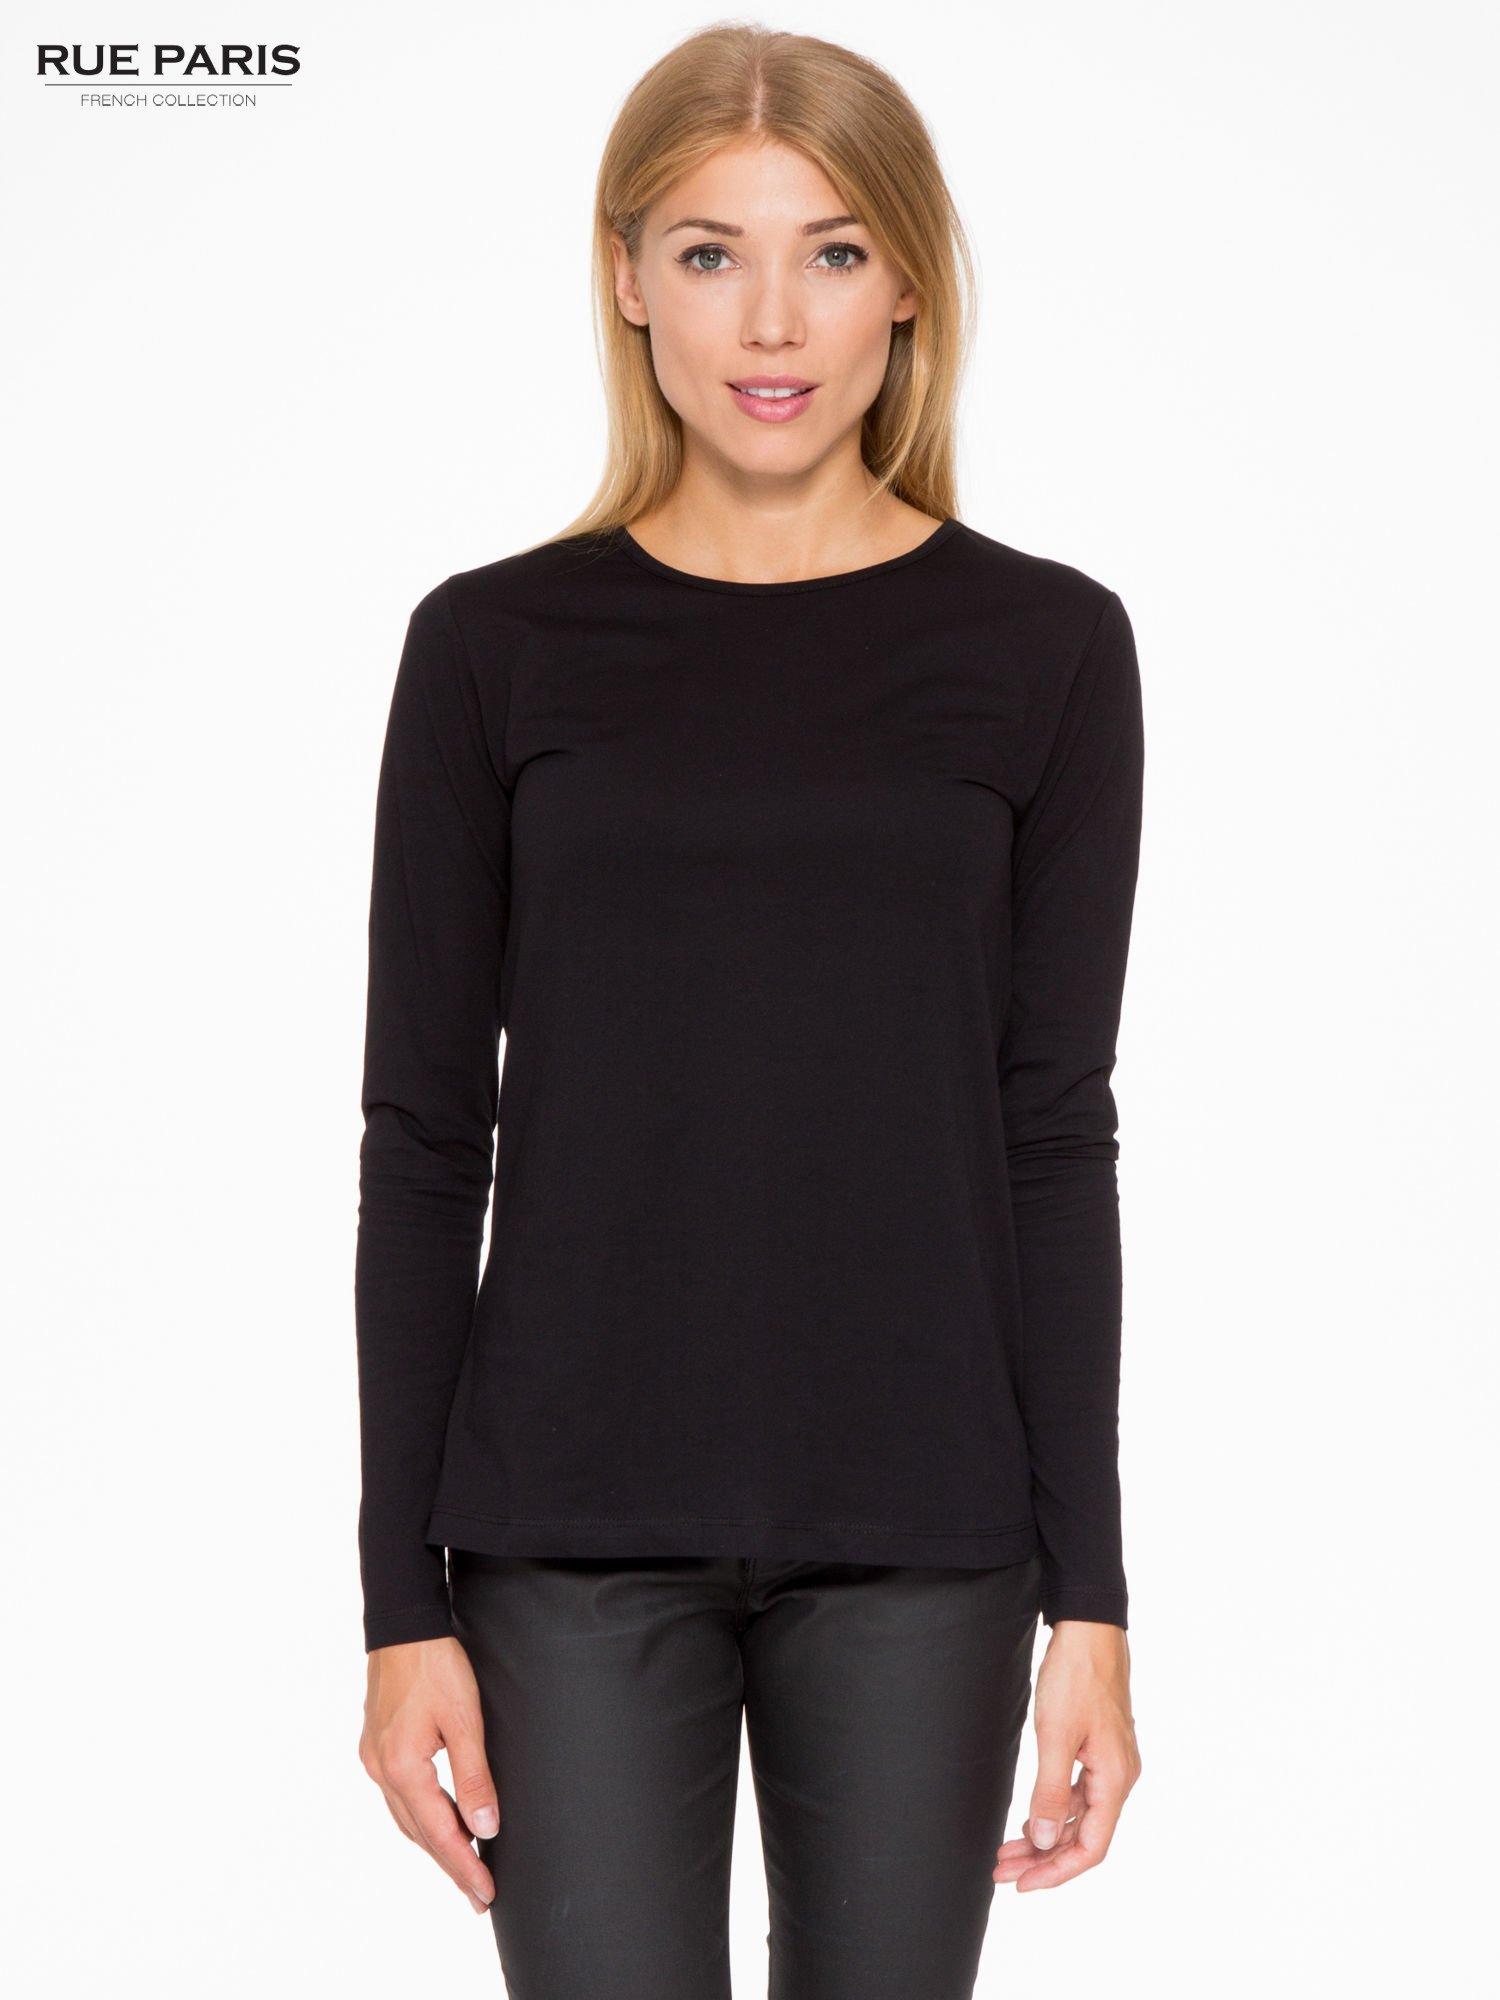 Czarna basicowa bluzka z długim rękawem                                  zdj.                                  1